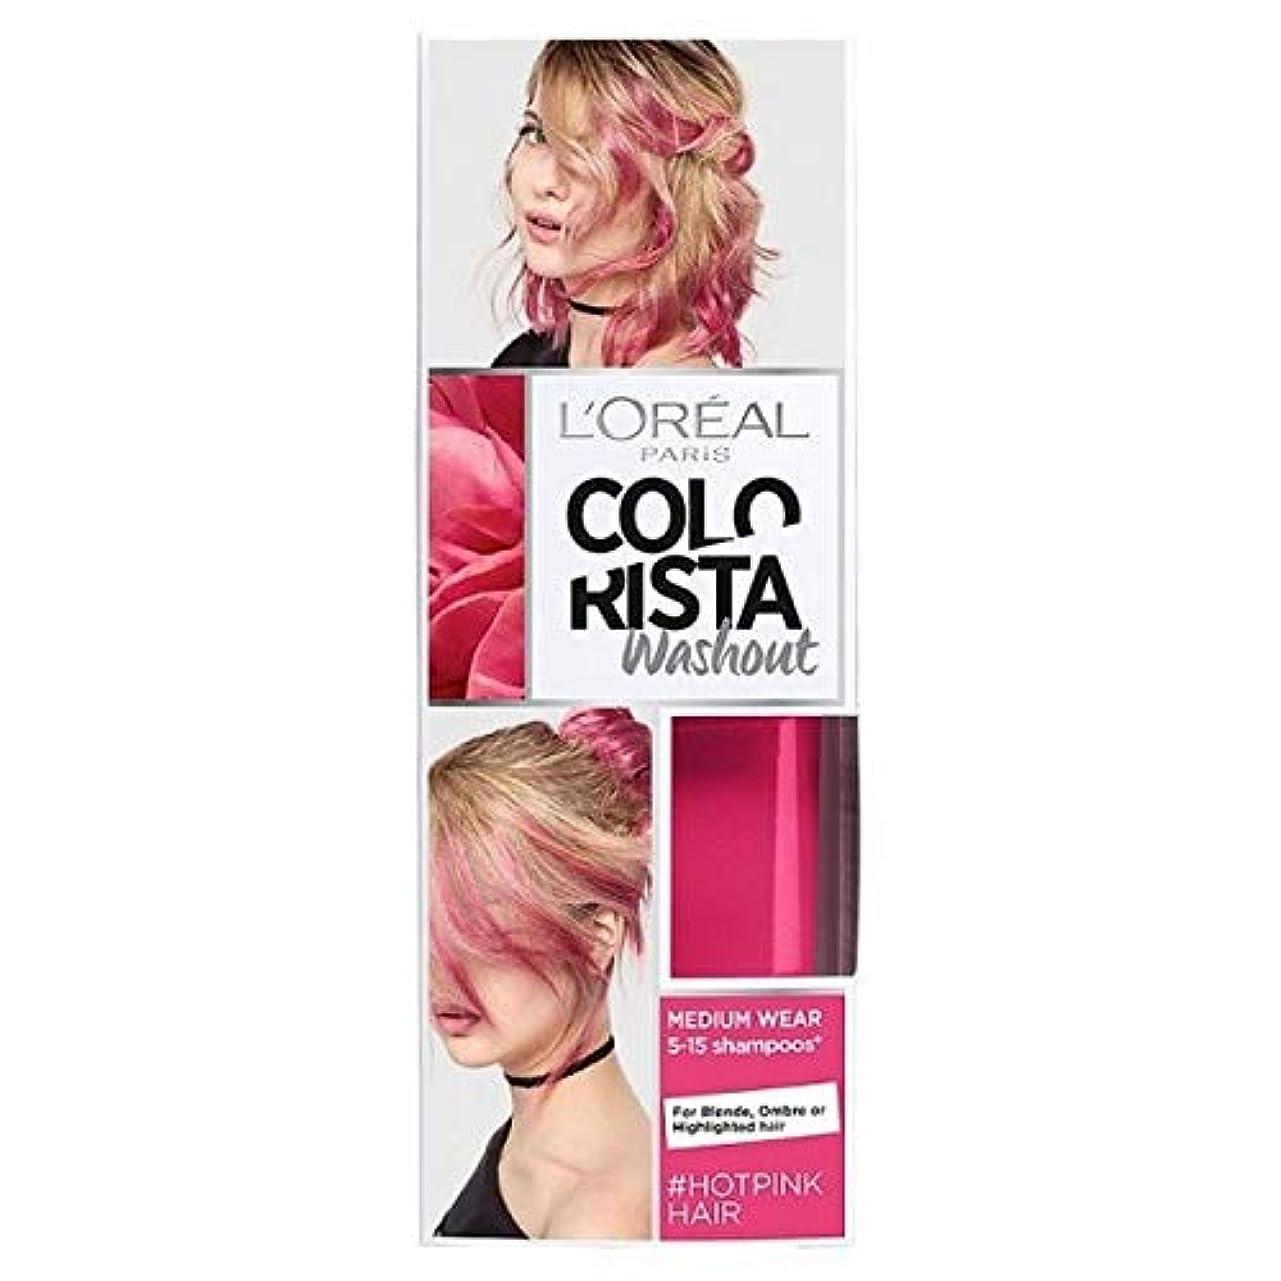 ライターペックミンチ[Colorista] Coloristaウォッシュアウトホットピンクのネオン半永久染毛剤 - Colorista Washout Hot Pink Neon Semi-Permanent Hair Dye [並行輸入品]